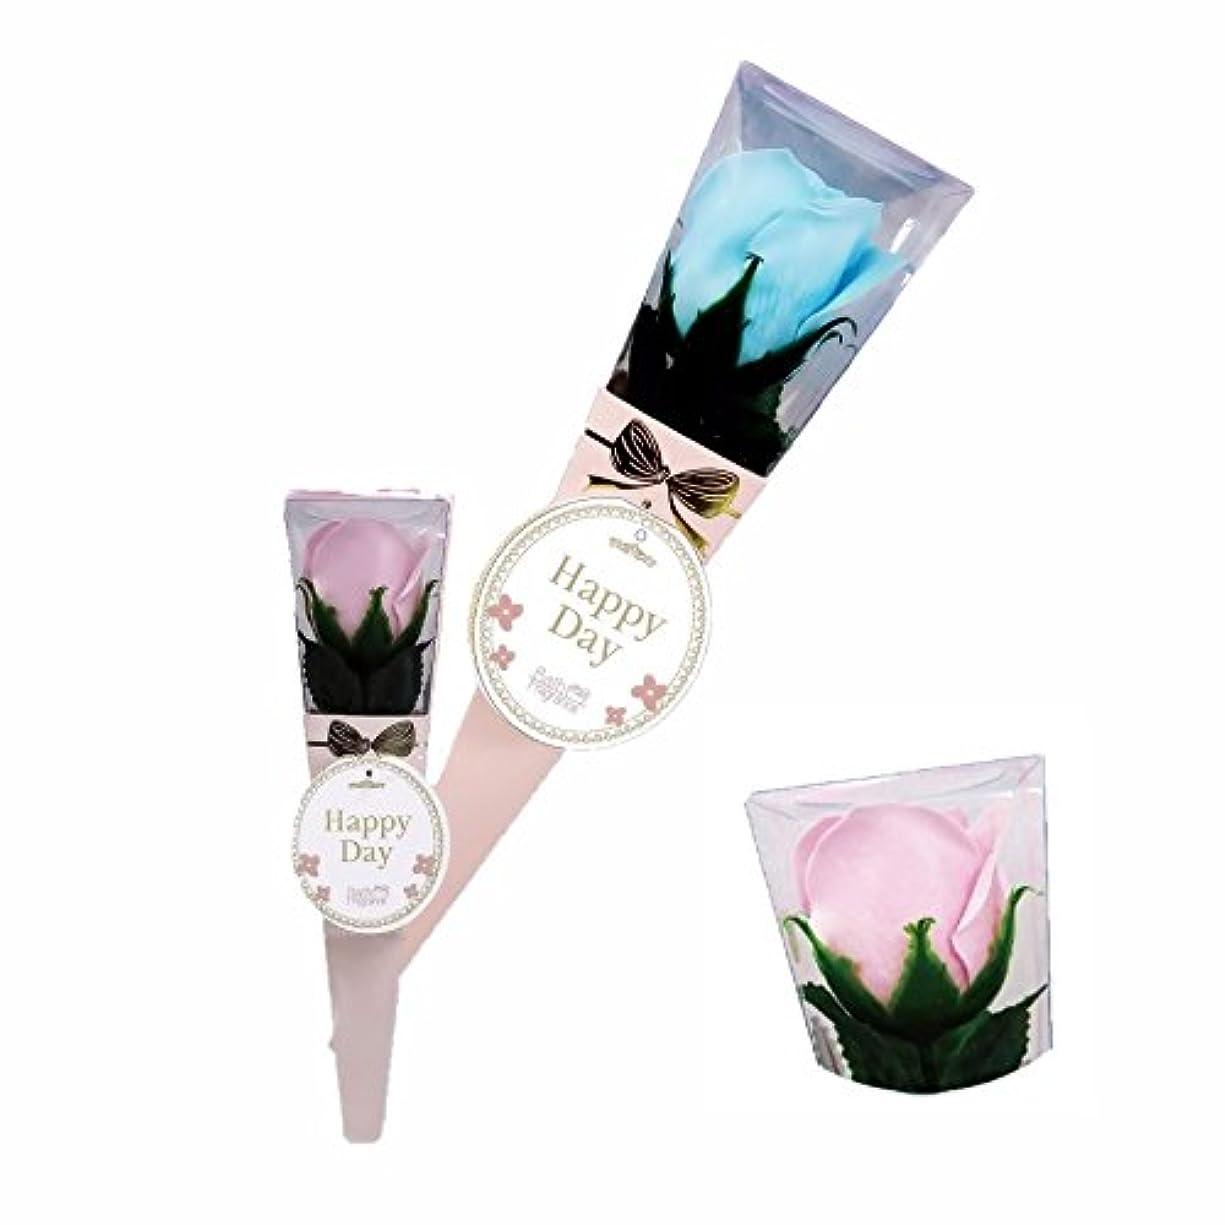 バスフレグランス ミニローズブーケ ピンク バスフラワー ギフト お花の形の入浴剤